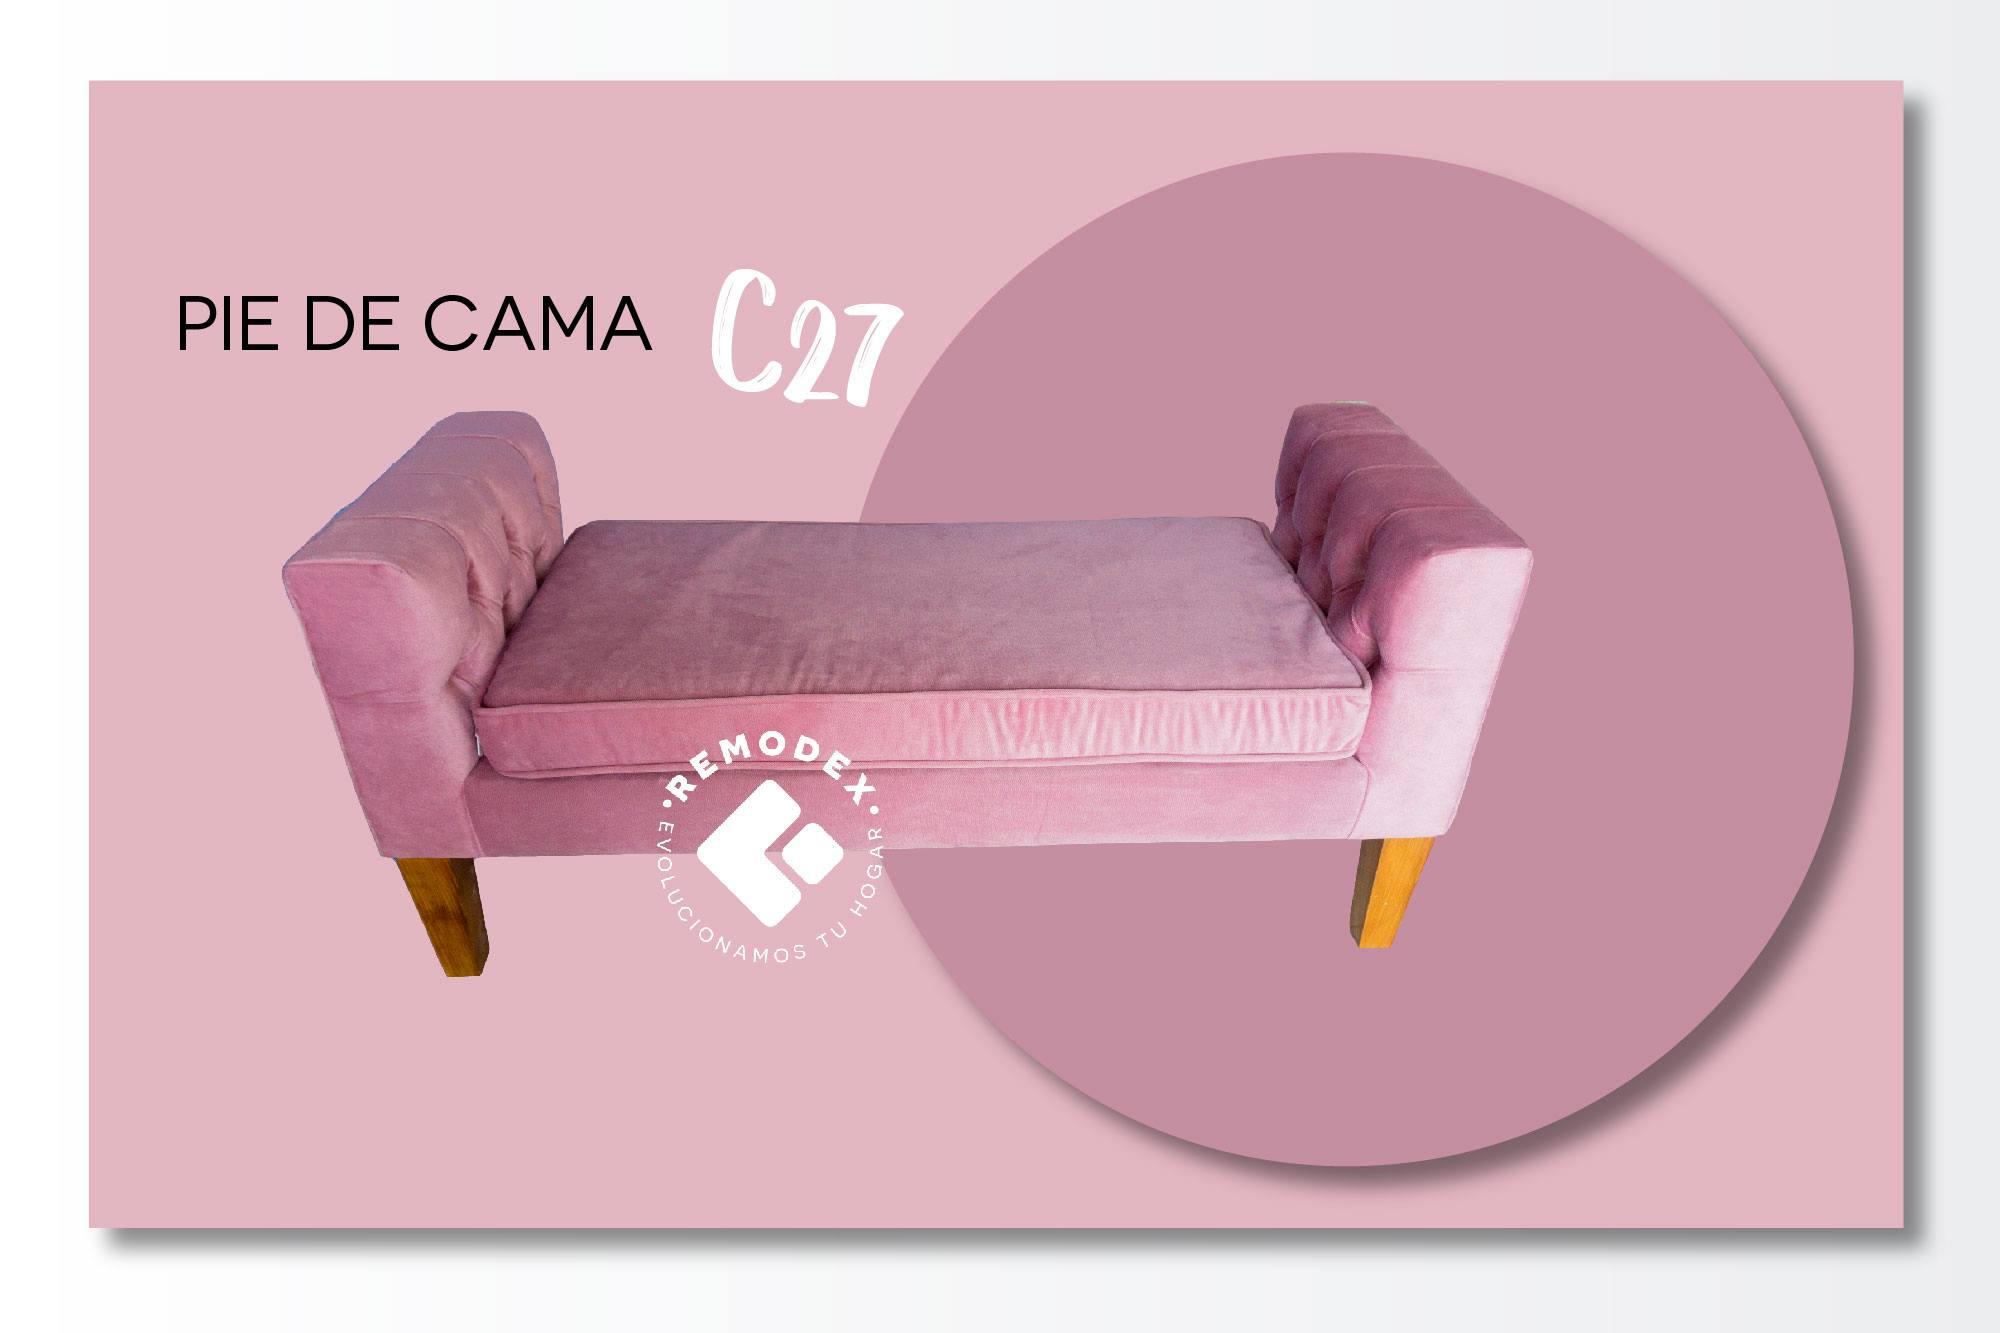 PIE DE CAMA C27